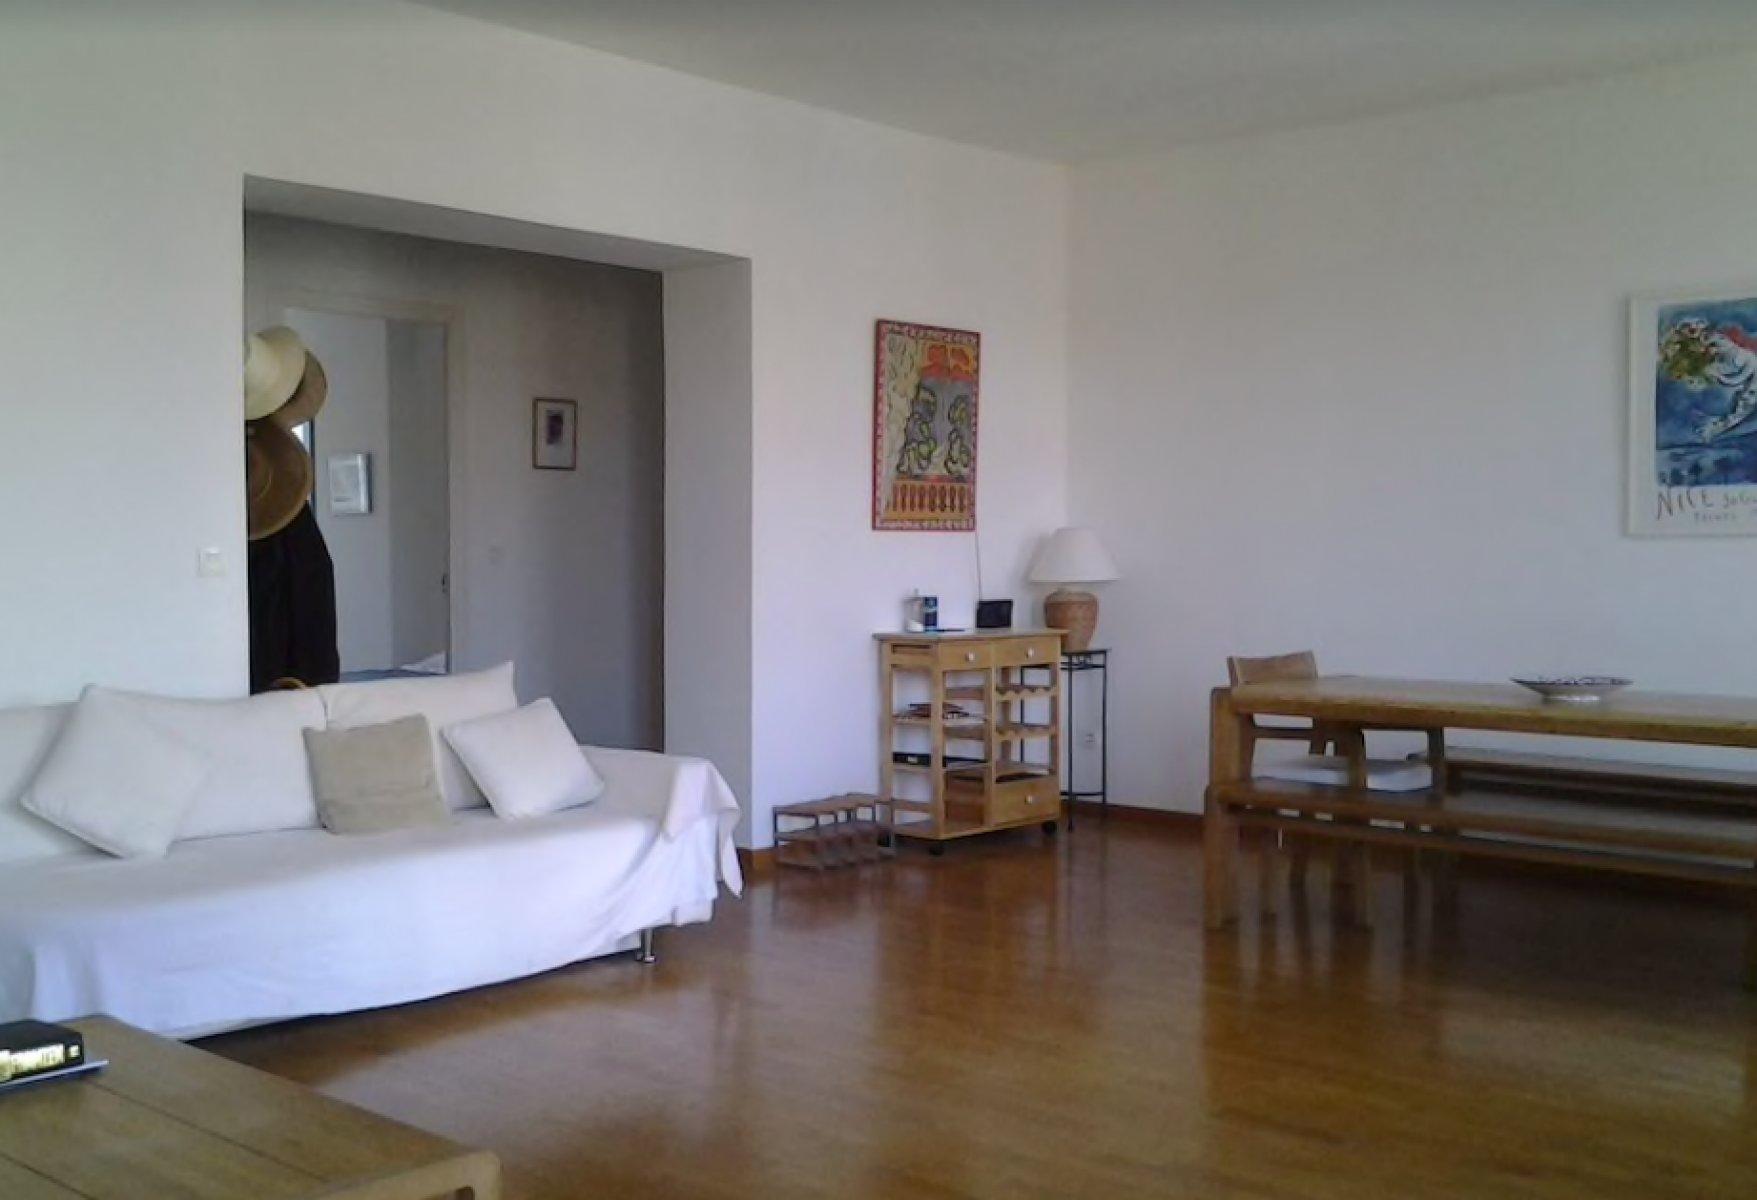 Stan u najam - Nica, Francuska 1710118